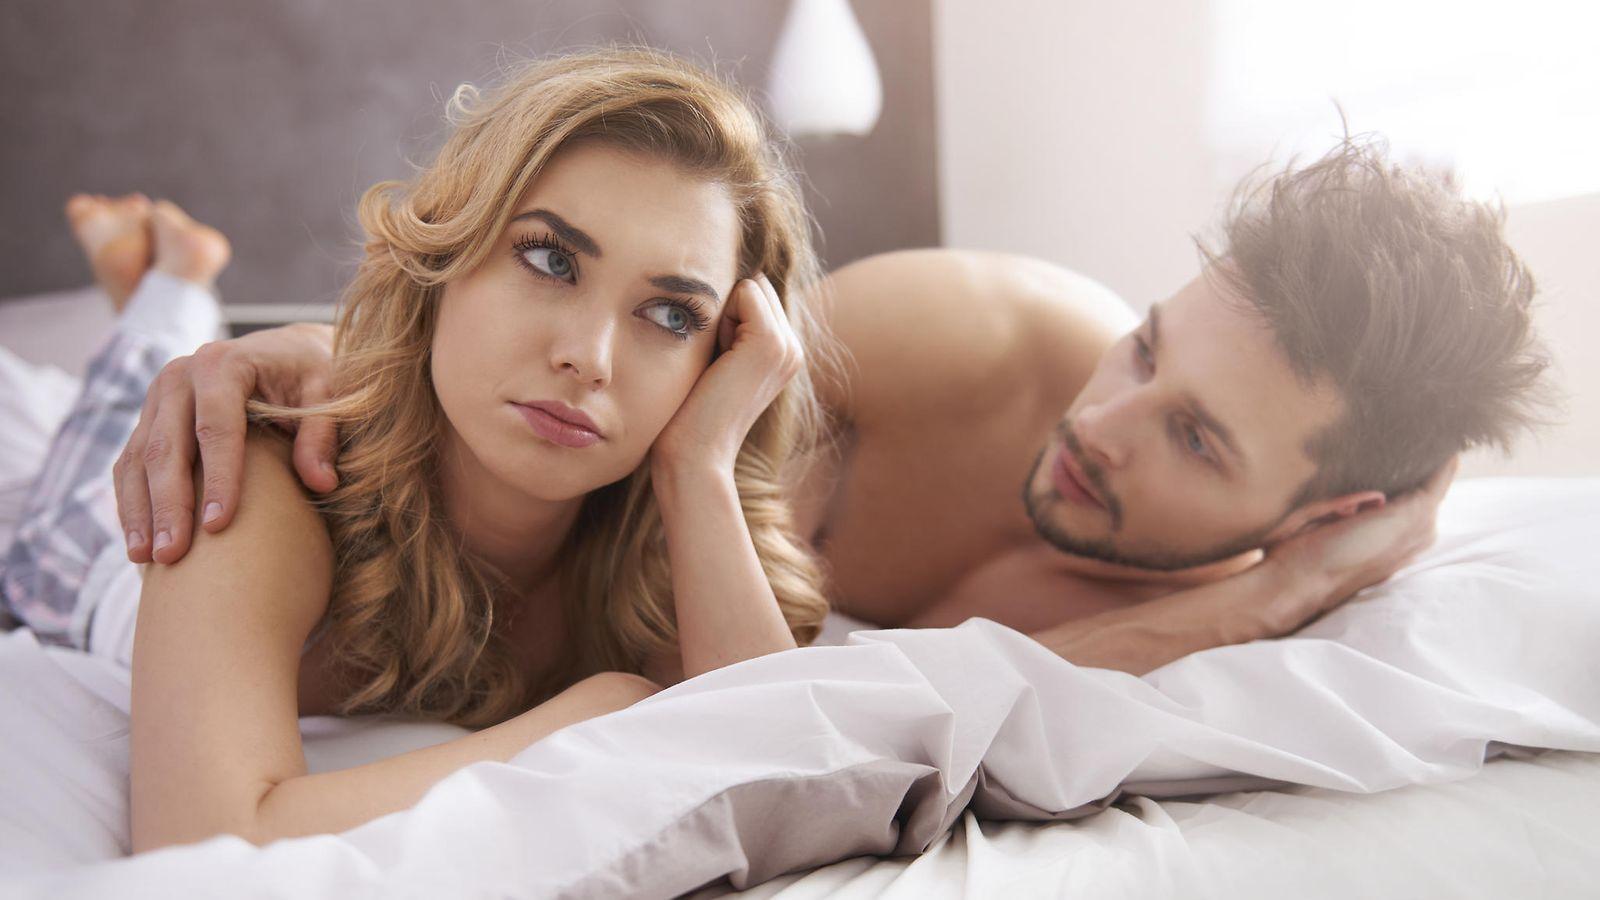 jousimies ja leijona koti seksiä